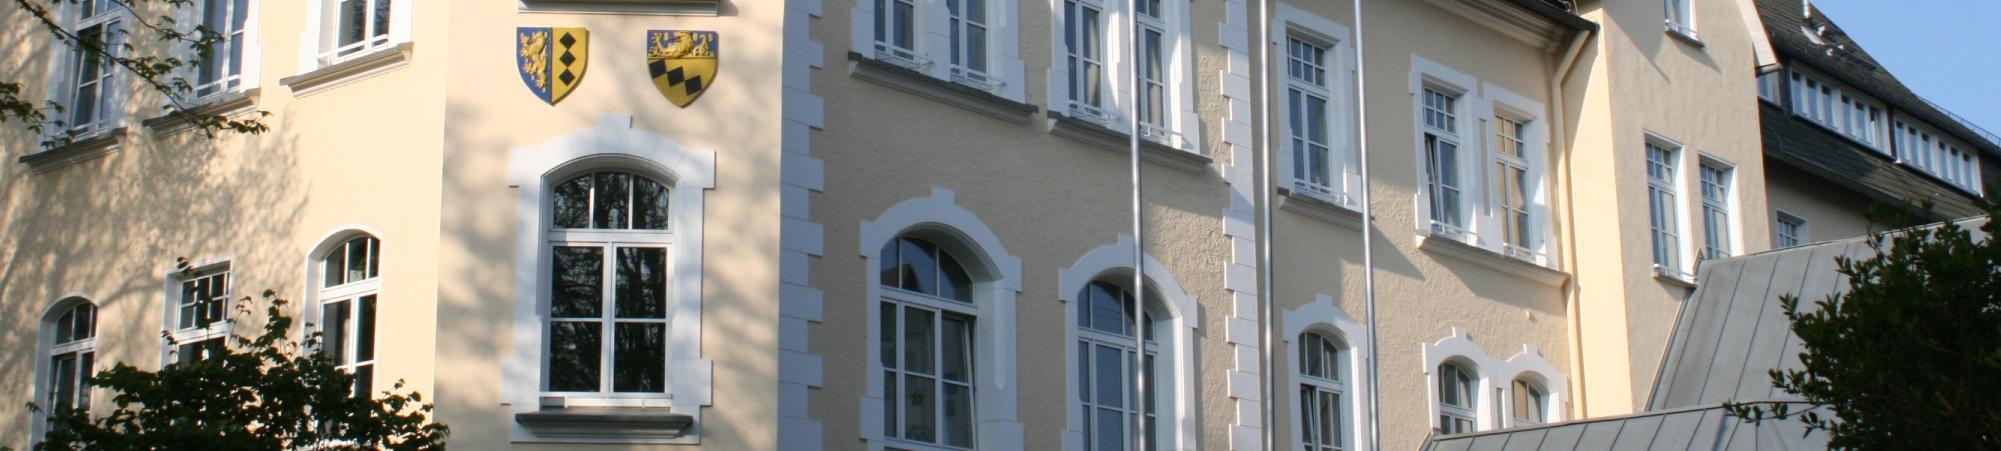 Ansicht Rathaus Burbach